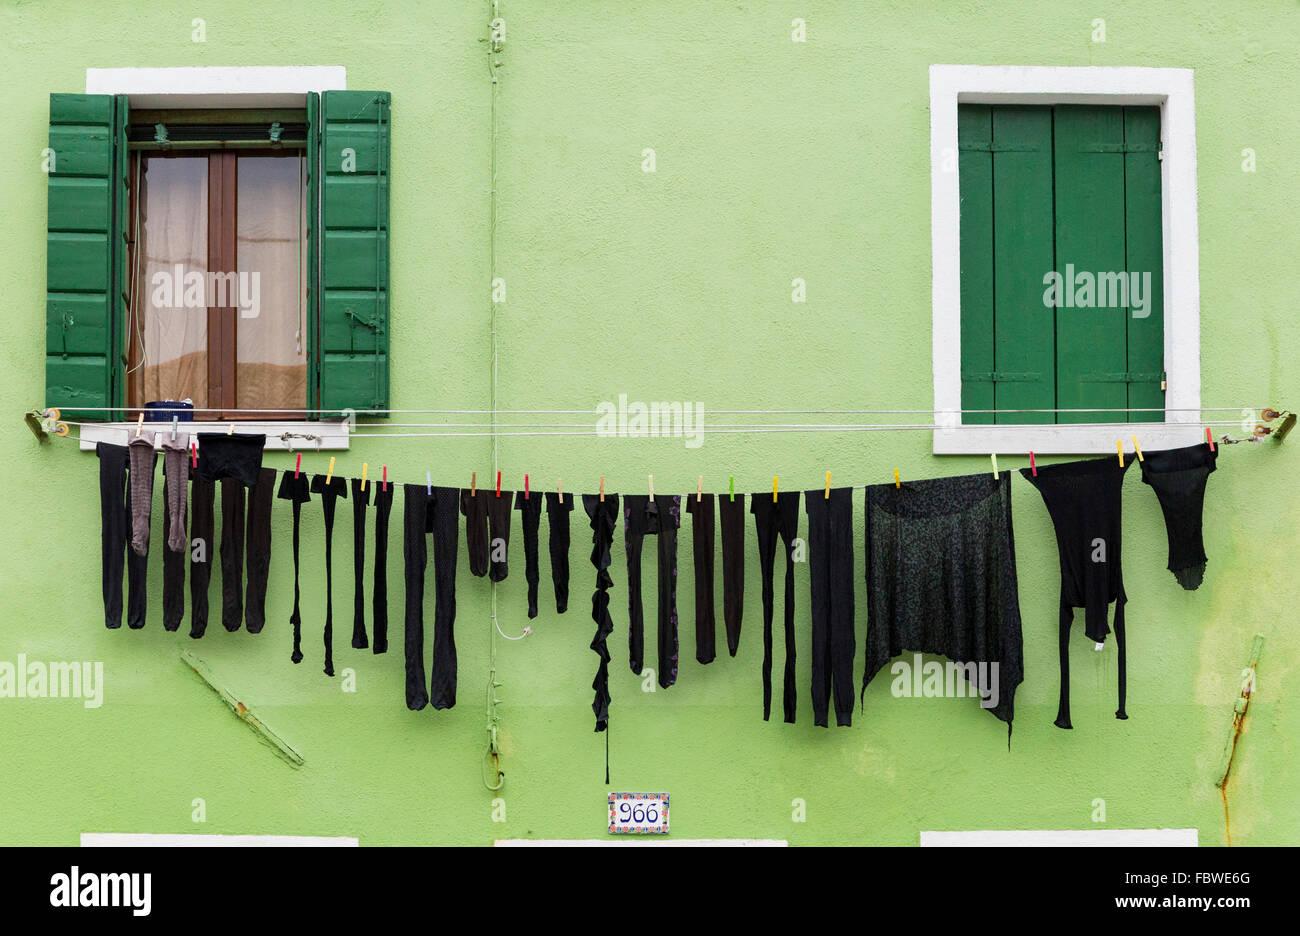 Colorful facades, Burano, Venetian Lagoon, Italy Stock Photo